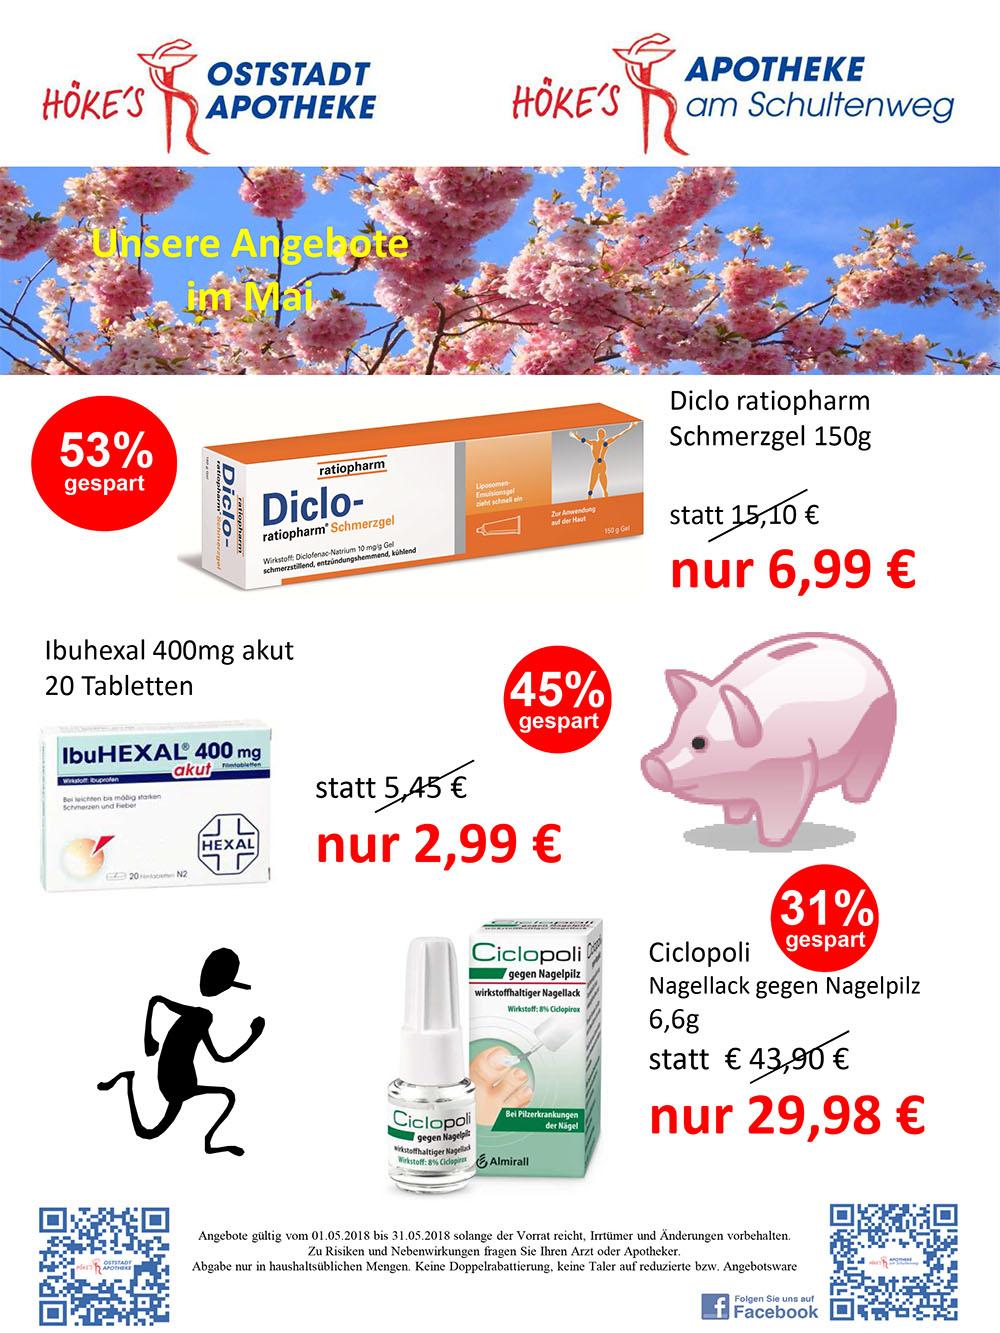 http://www.apotheken.de/fileadmin/clubarea/00000-Angebote/45279_am_schultenweg_angebot_1.jpg